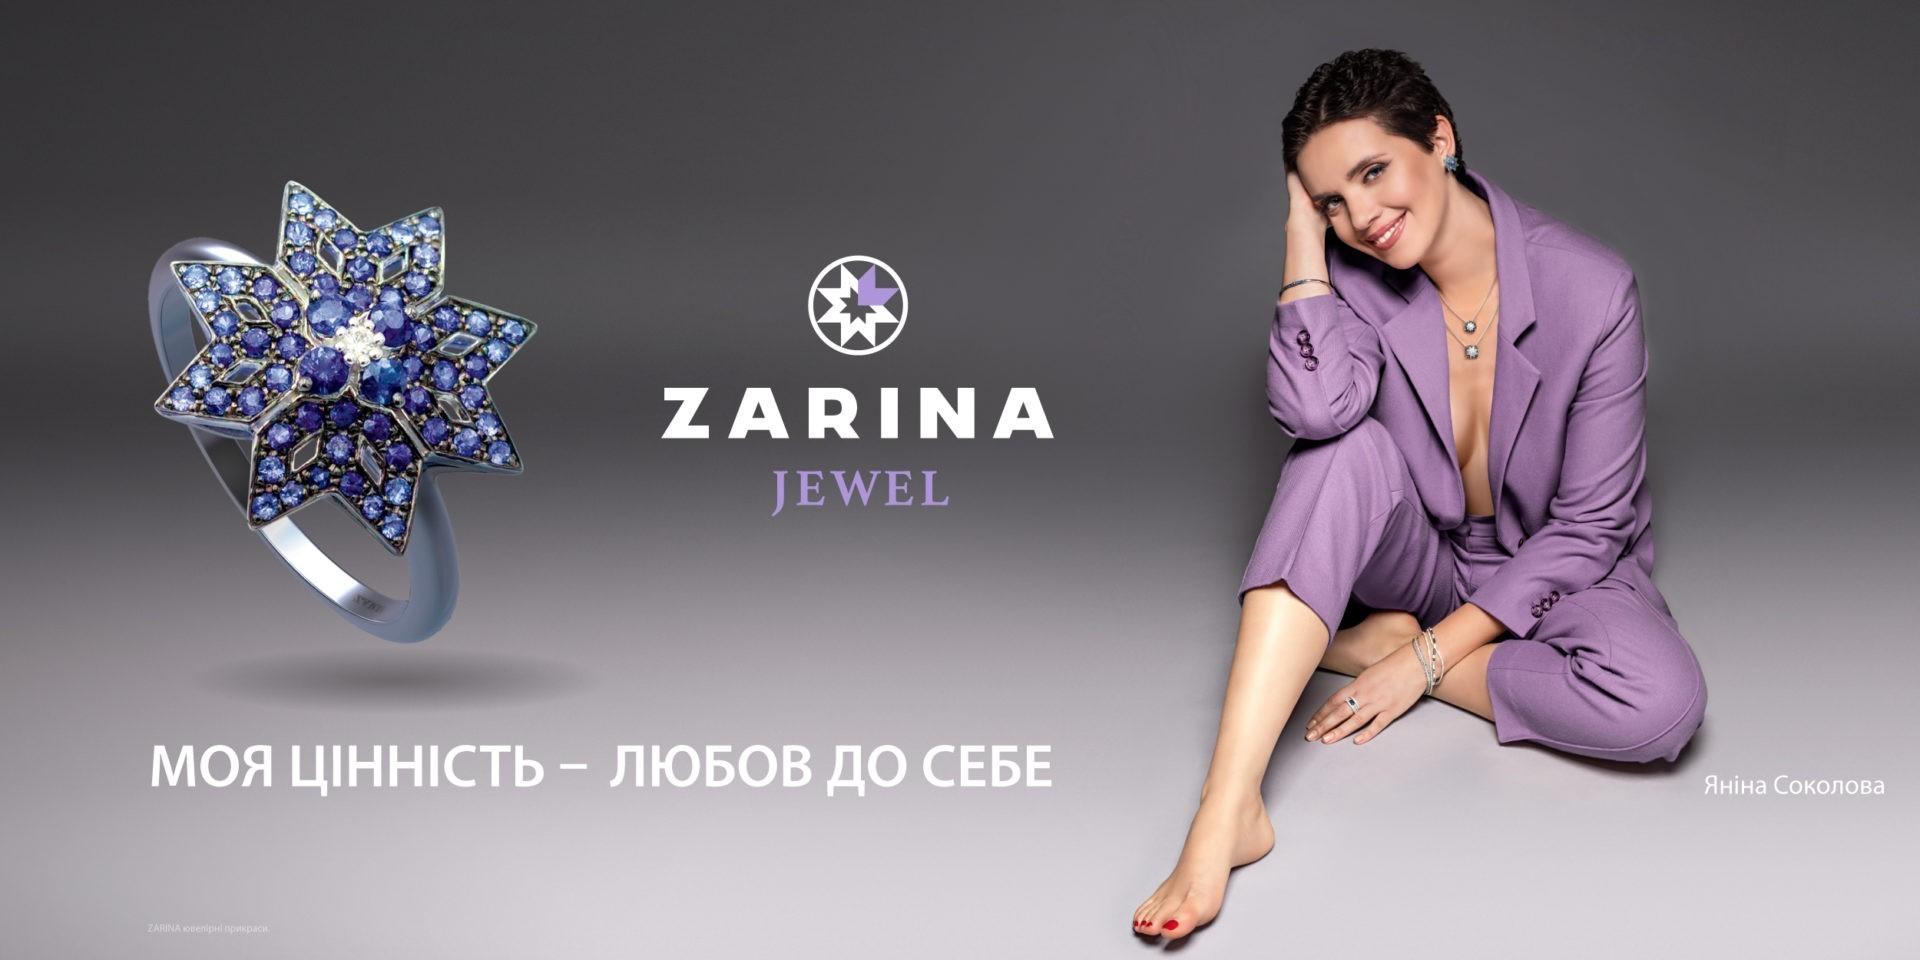 zarina 2019 yanina - Ювелірний Дім ZARINA запустив п'ять саб-брендів, обличчями яких стануть видатні жінки